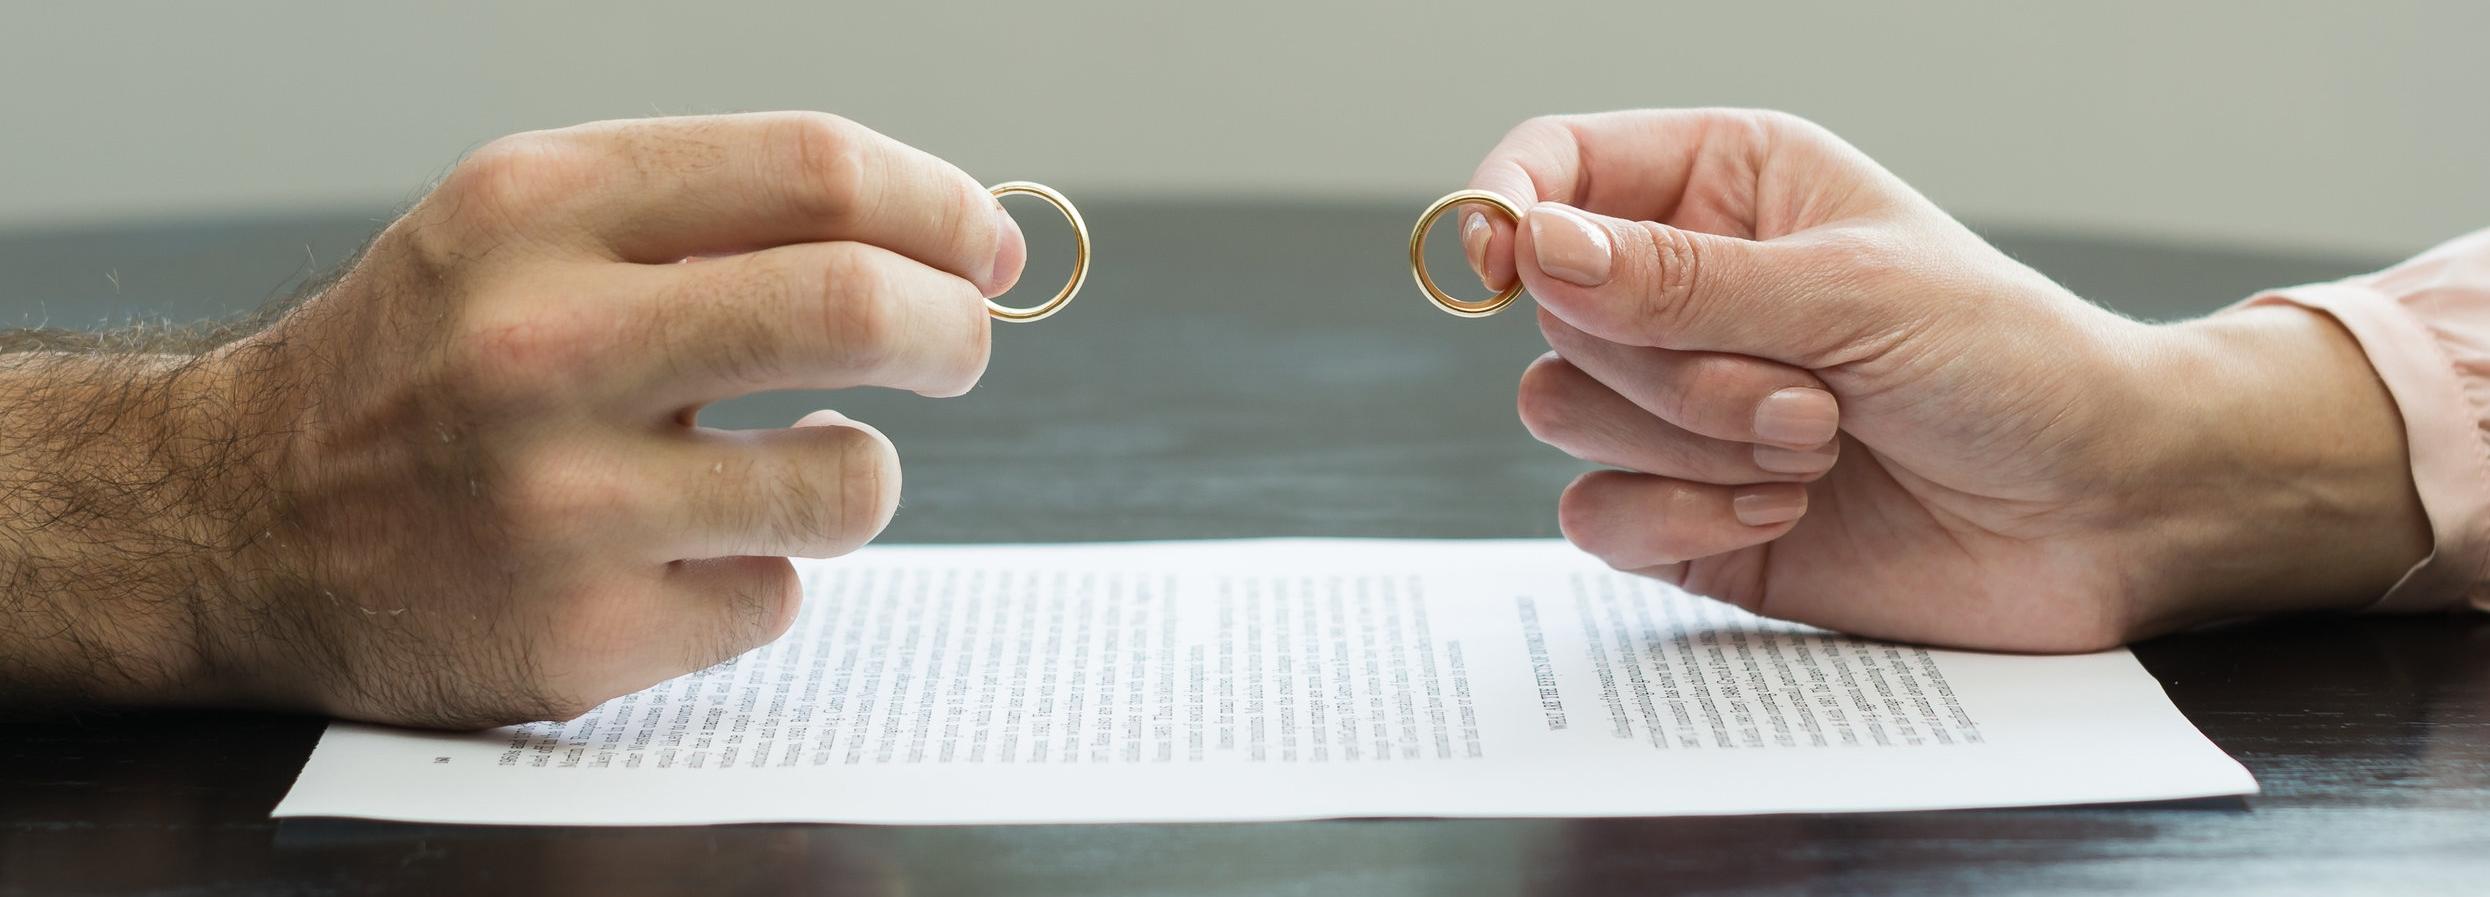 Division of Assets - Chicago Divorce Lawyer.jpg